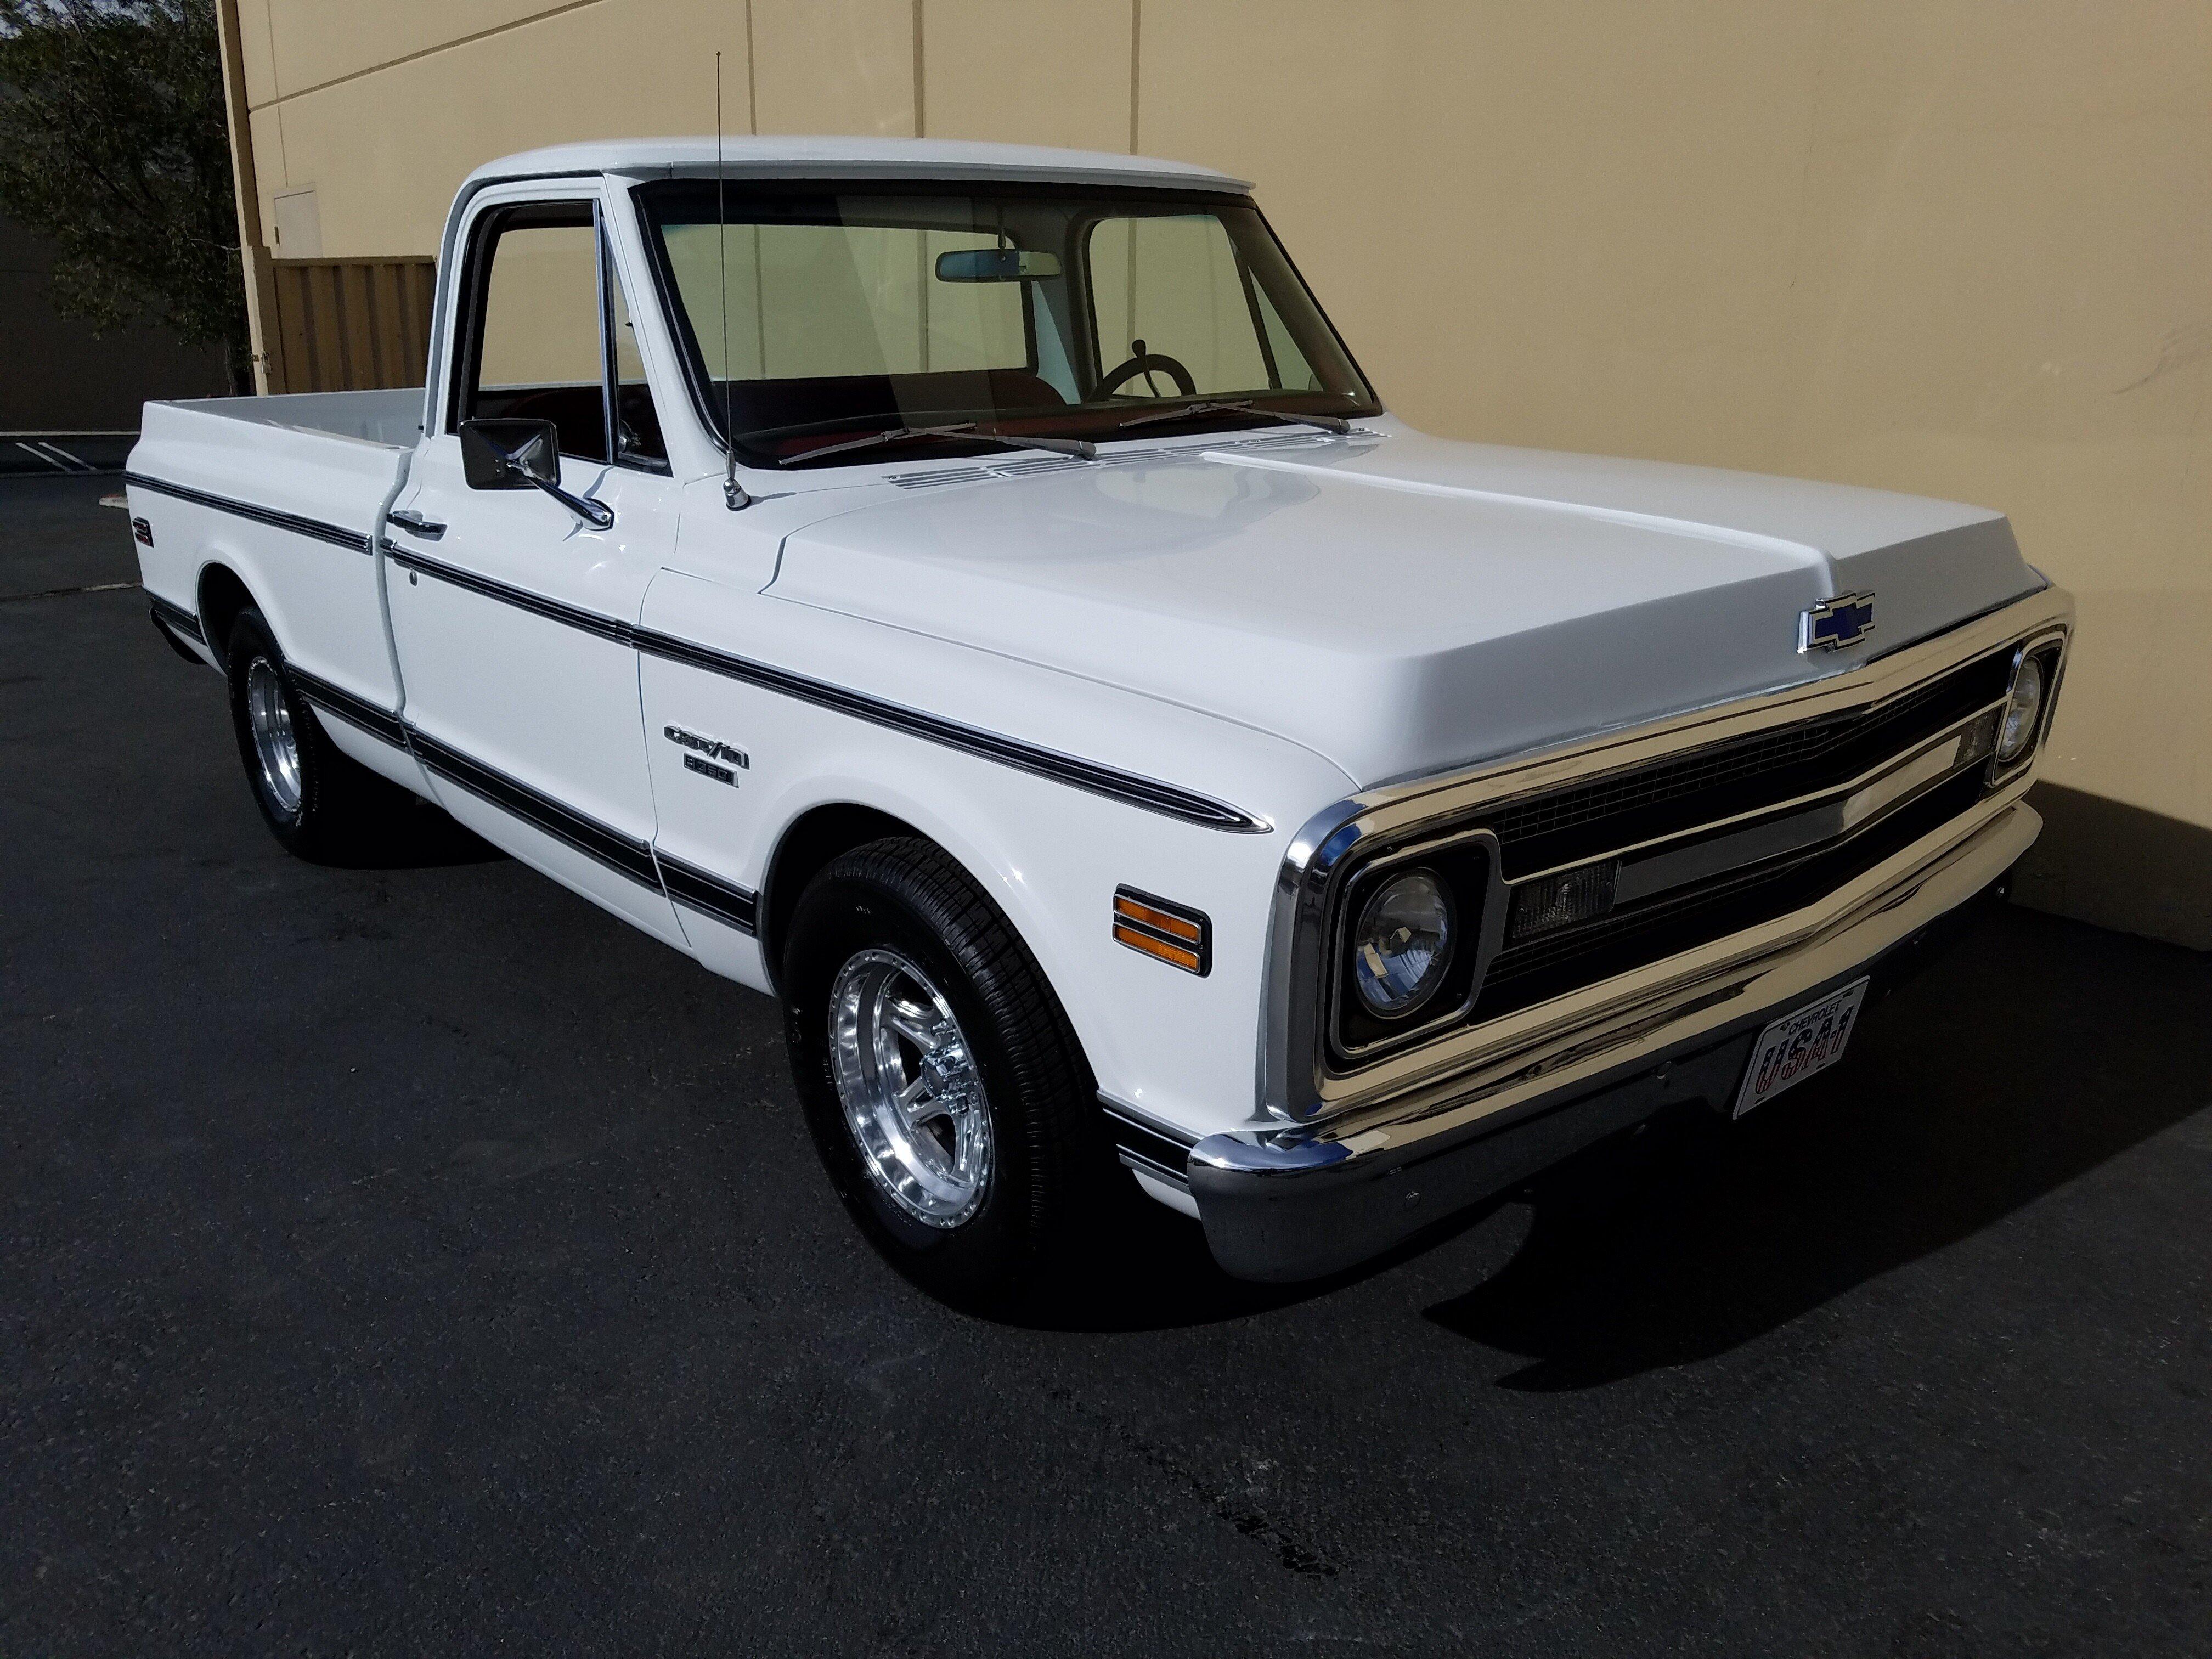 1969 Chevrolet C K Trucks For Sale Near Coto De Caza California 92679 Classics On Autotrader